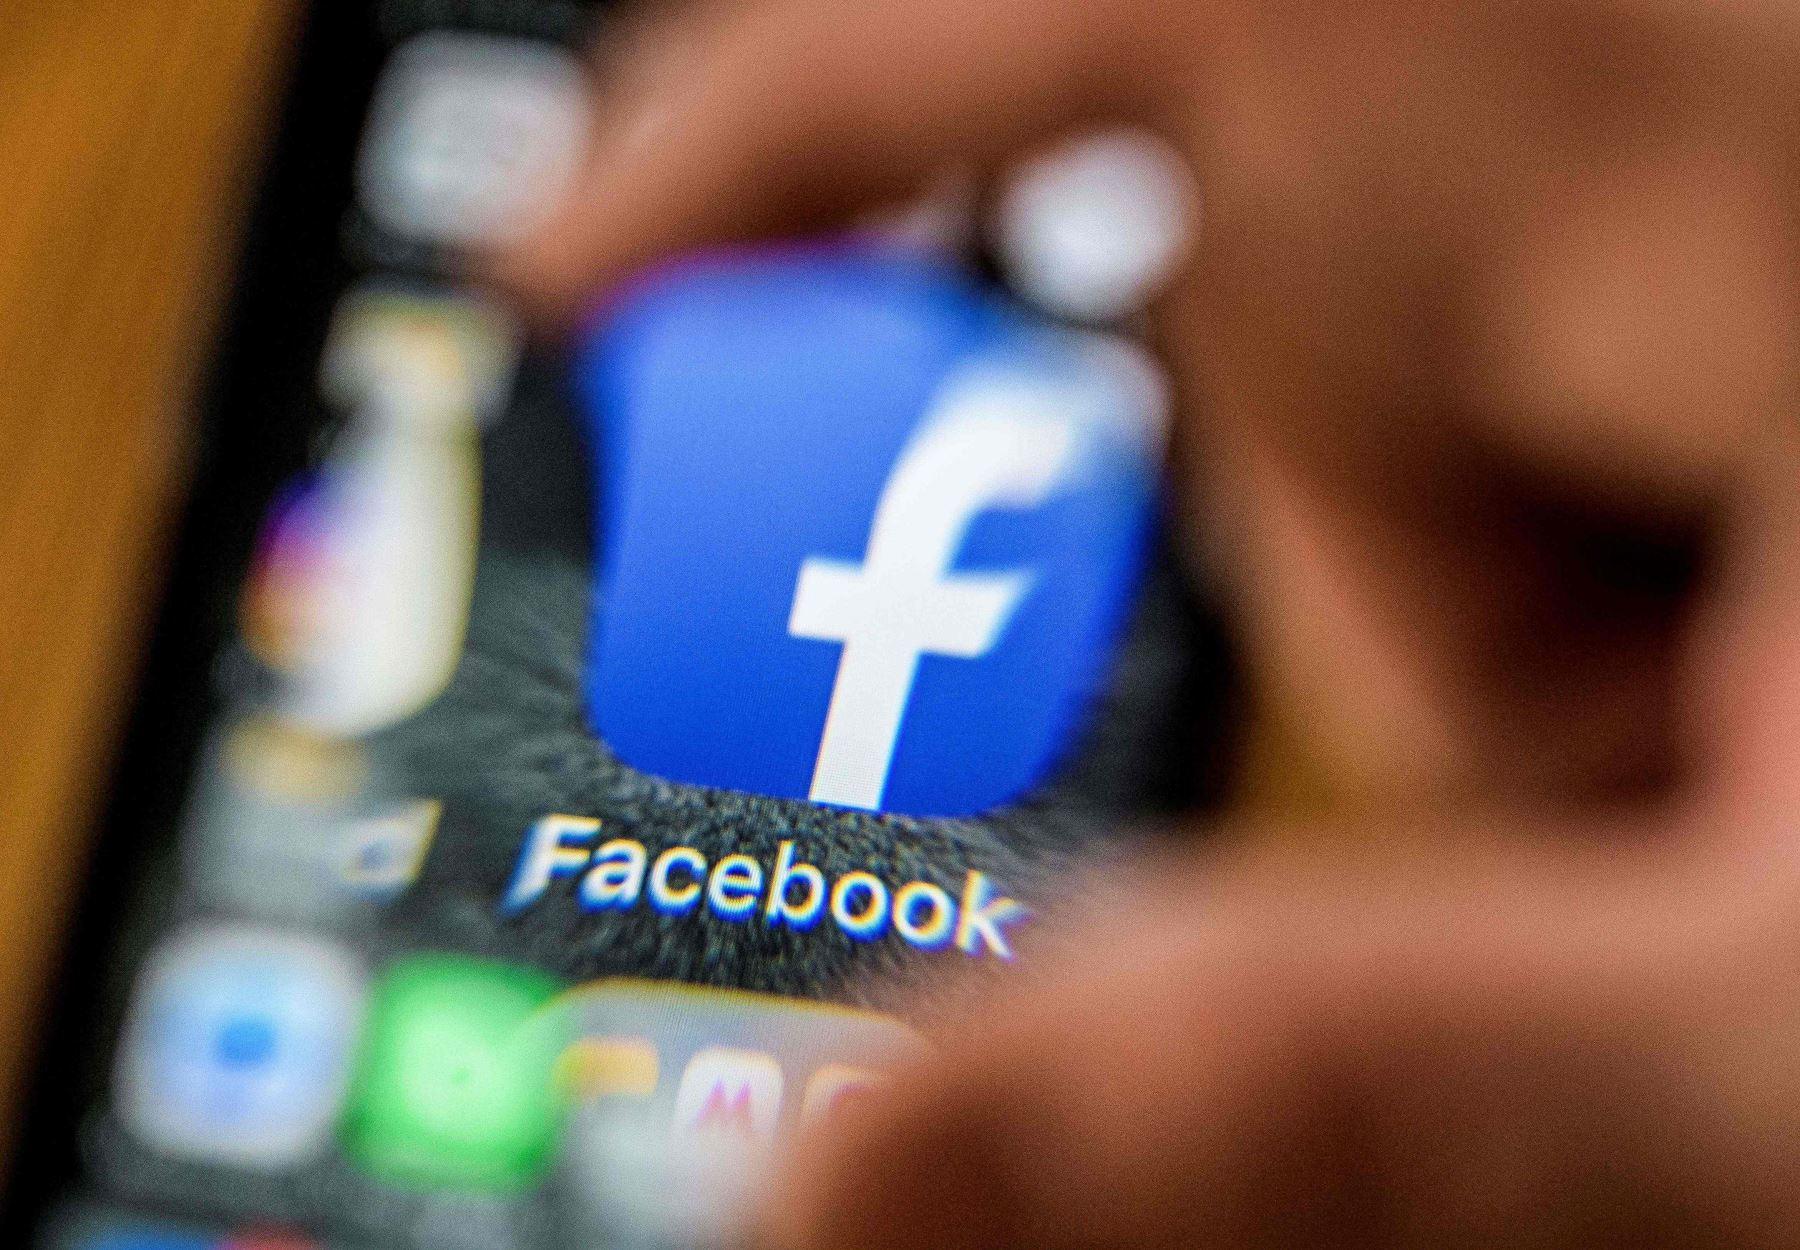 Abdelali Bahmad, de 35 años, fue detenido a mediados de diciembre y procesado por escribir un mensaje en Facebook.AFP